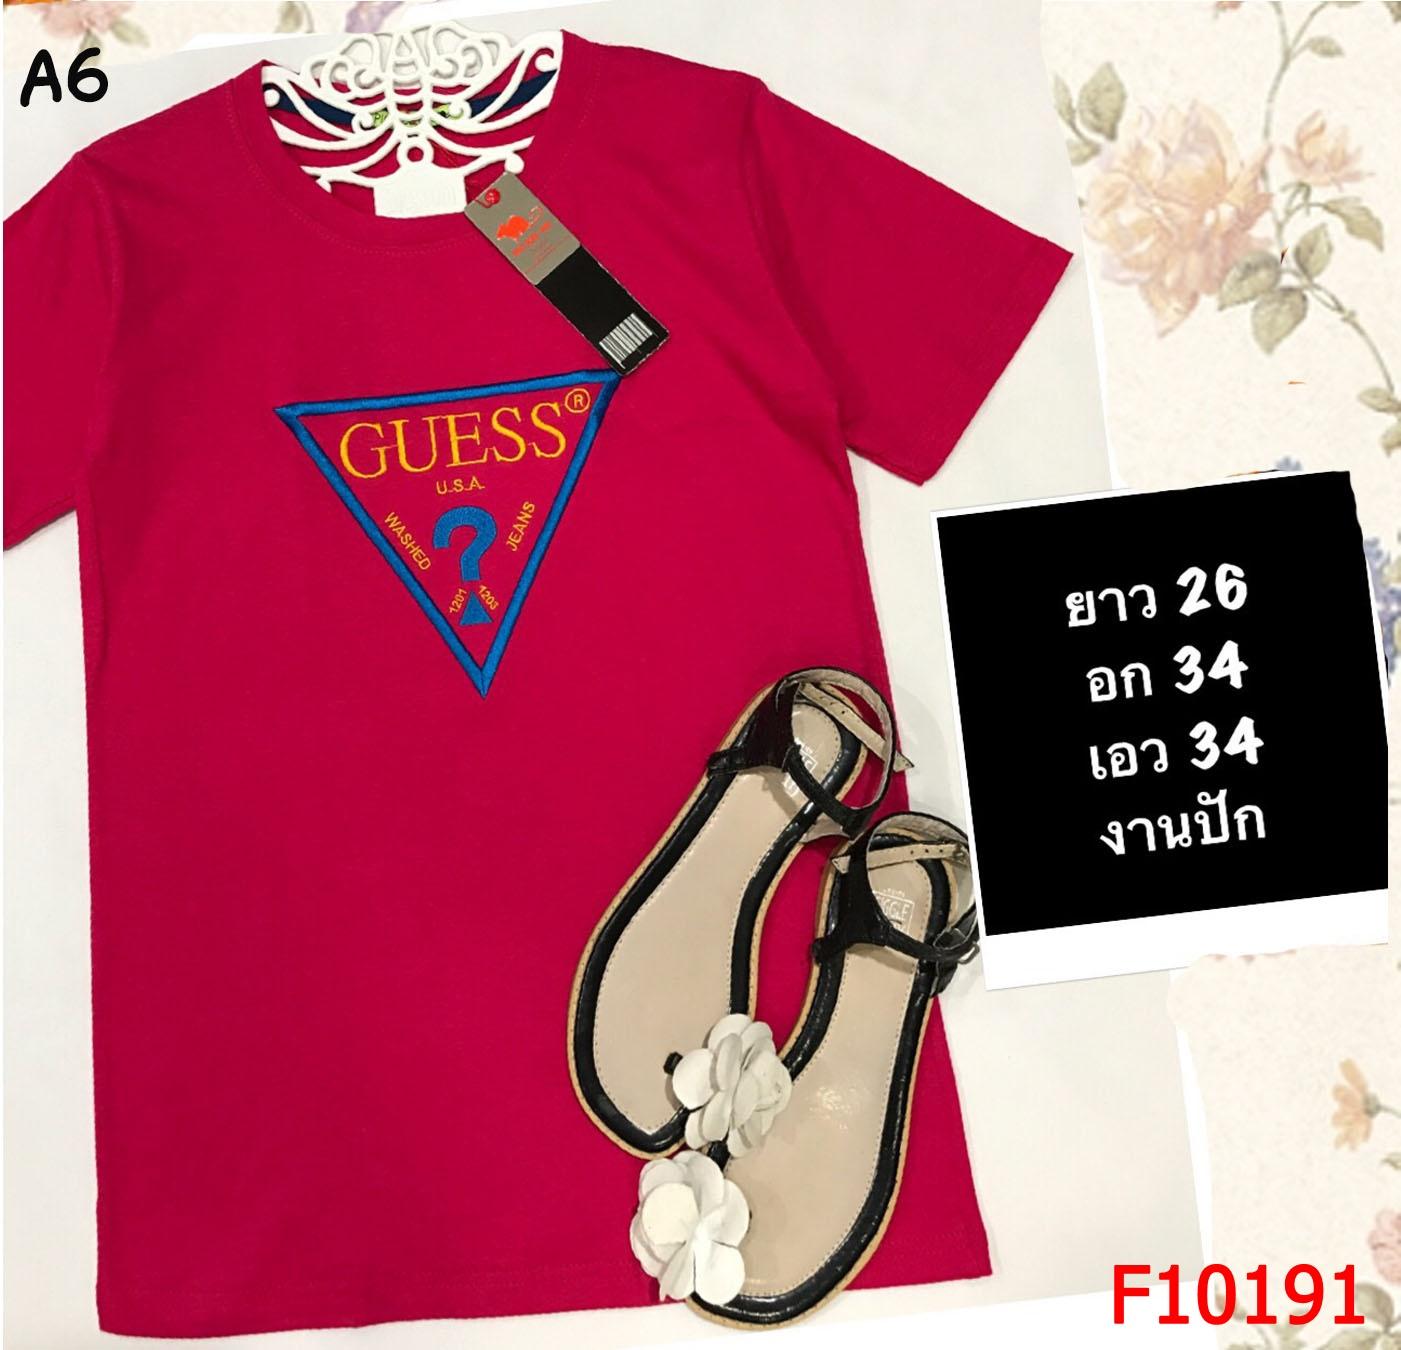 F10191 เสื้อยืดคอกลม แขนสั้น ปักลาย GUESS สีแดงสด